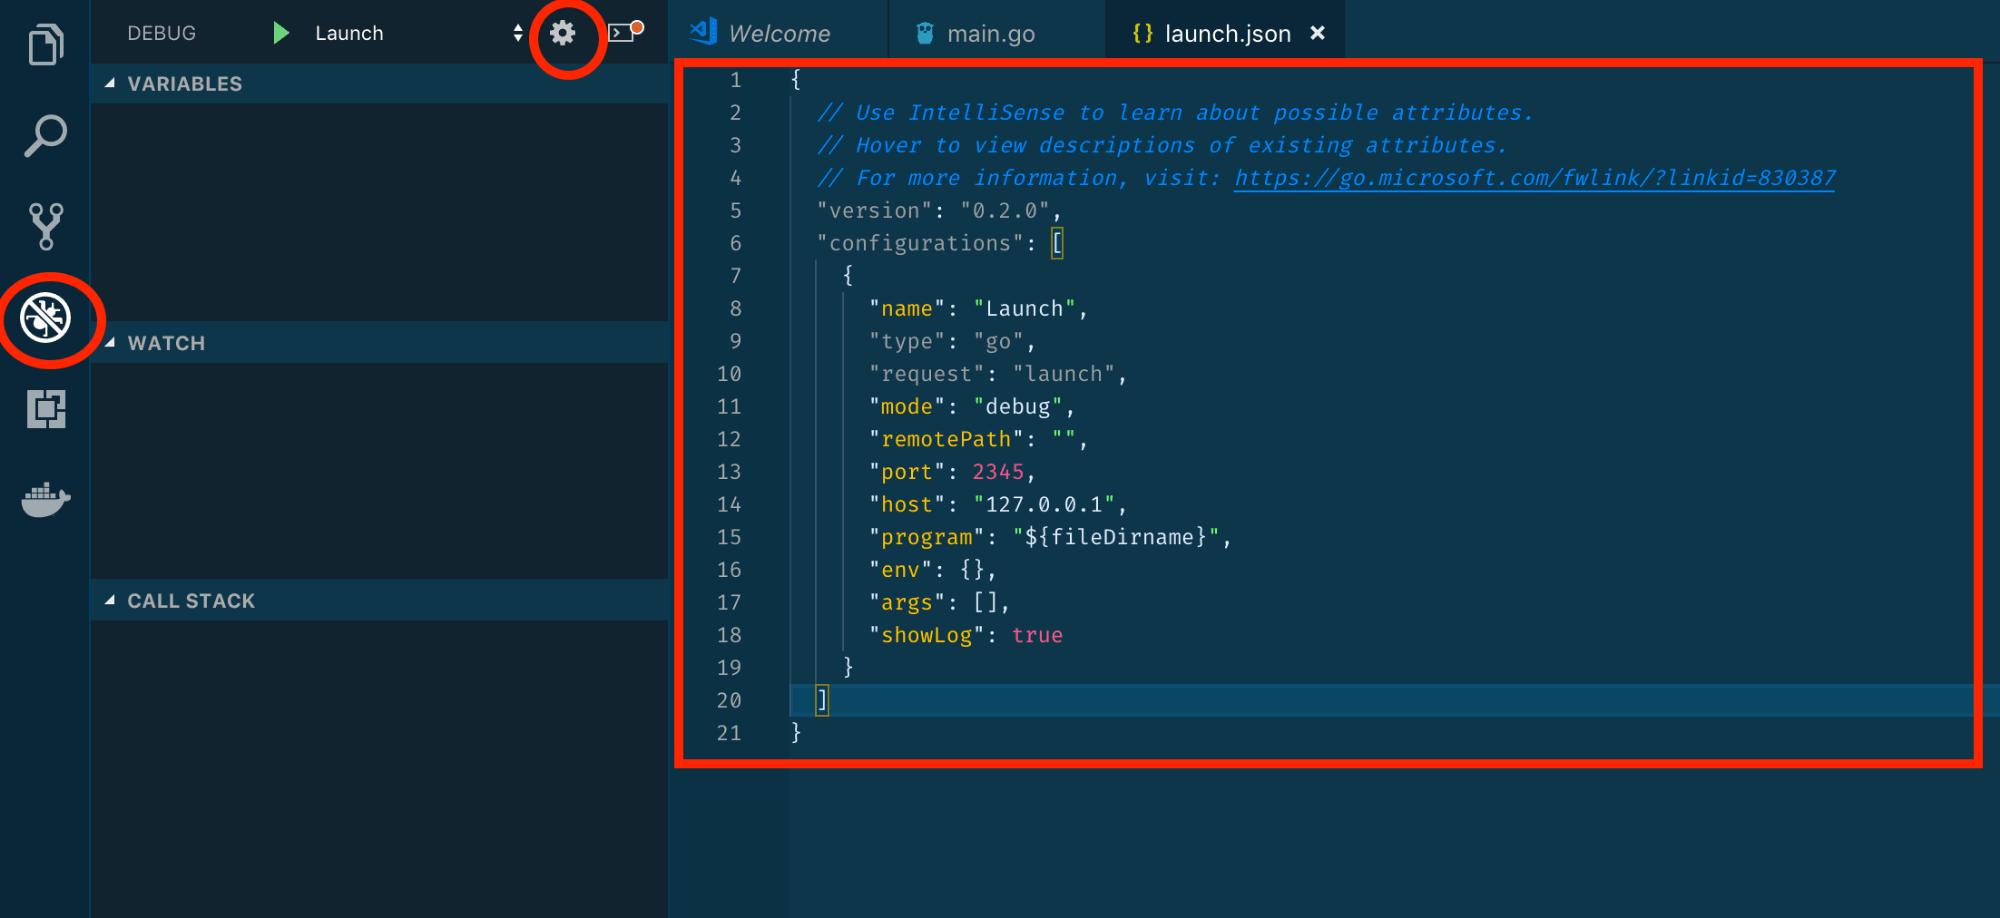 Debug and Settings (Gear) icons